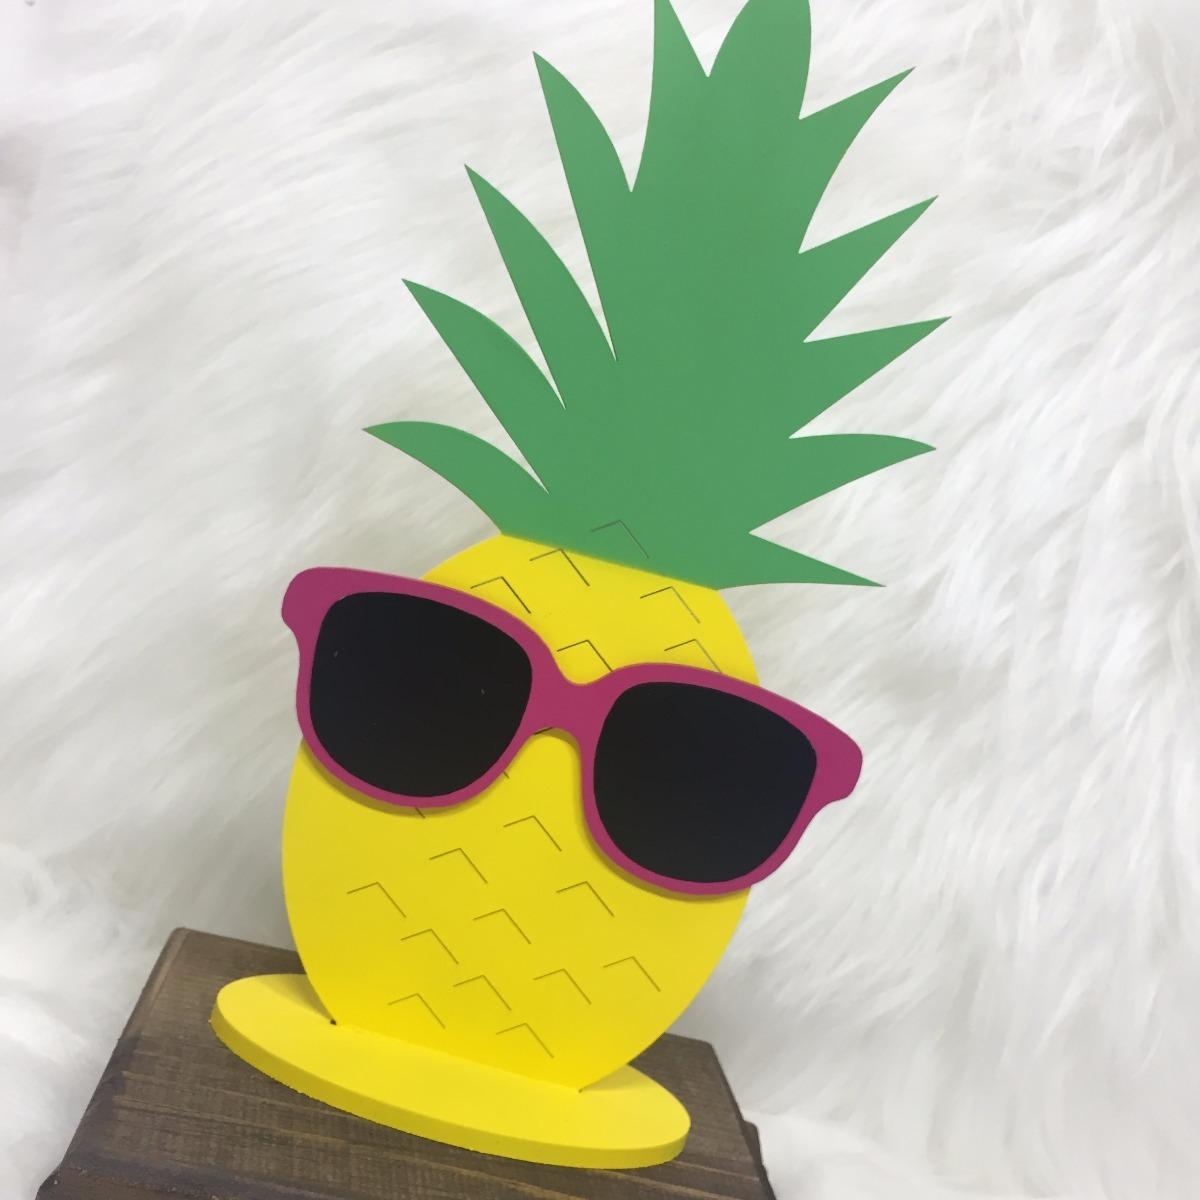 Abacaxi Com Óculos Mdf Decoração Festa Havaí Aloha Quarto - R  39,90 ... 7020c08e92